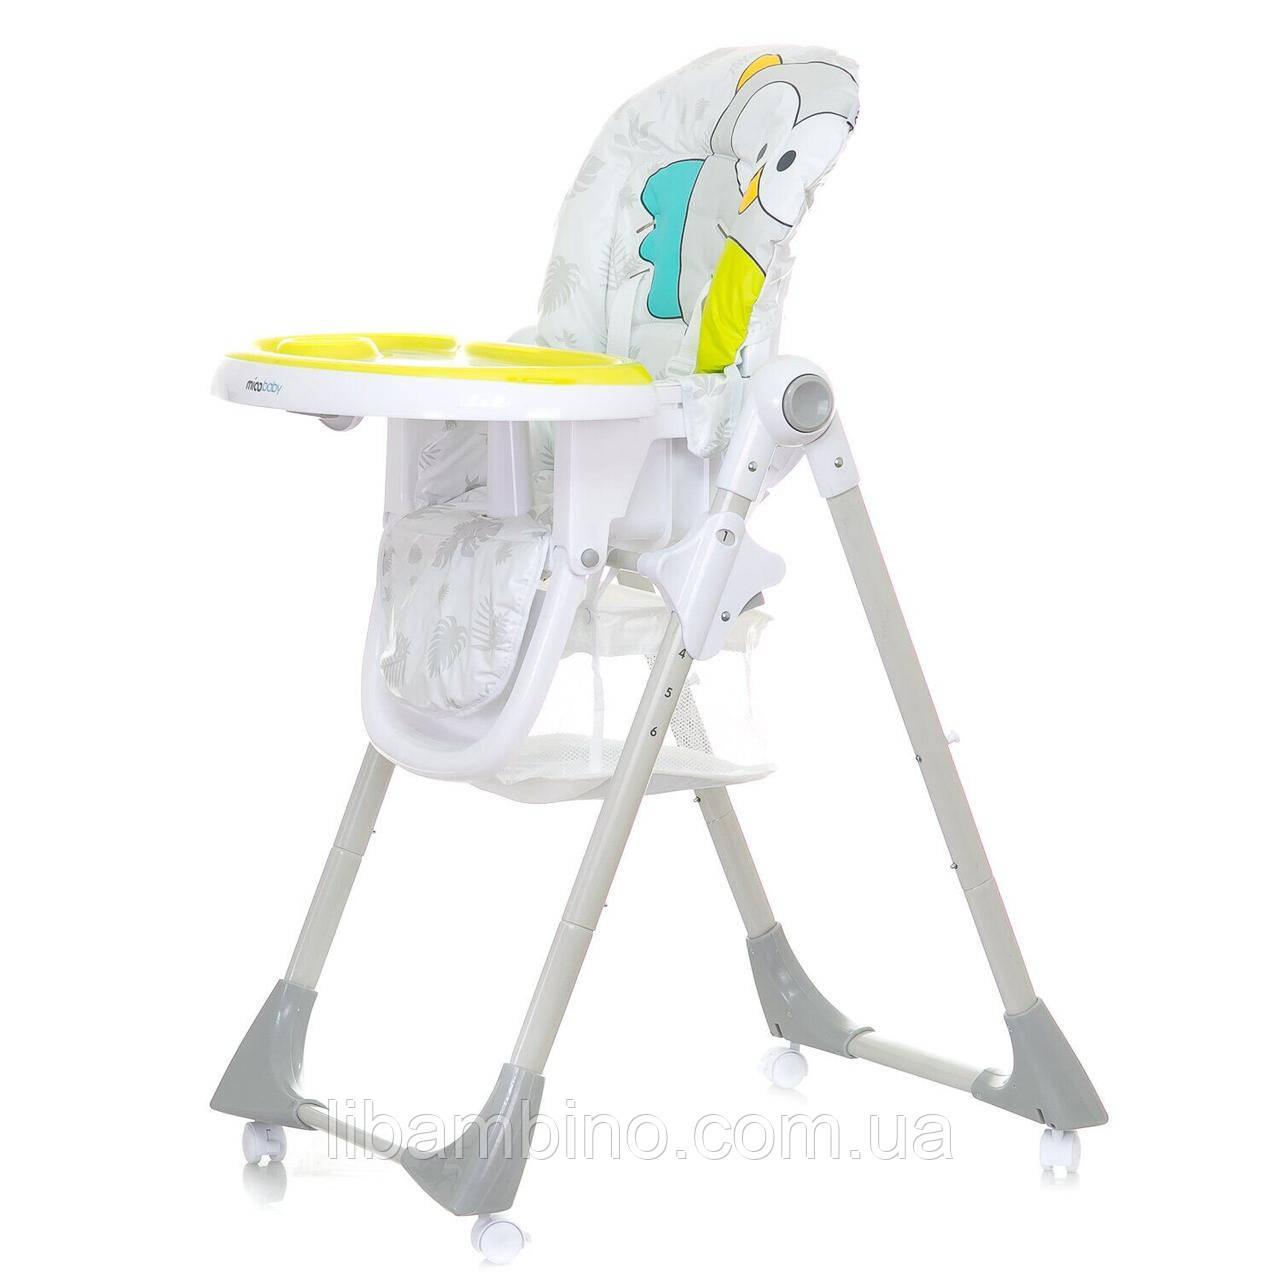 Дитячий універсальний стільчик для годування Mioobaby Carnival  - Owl